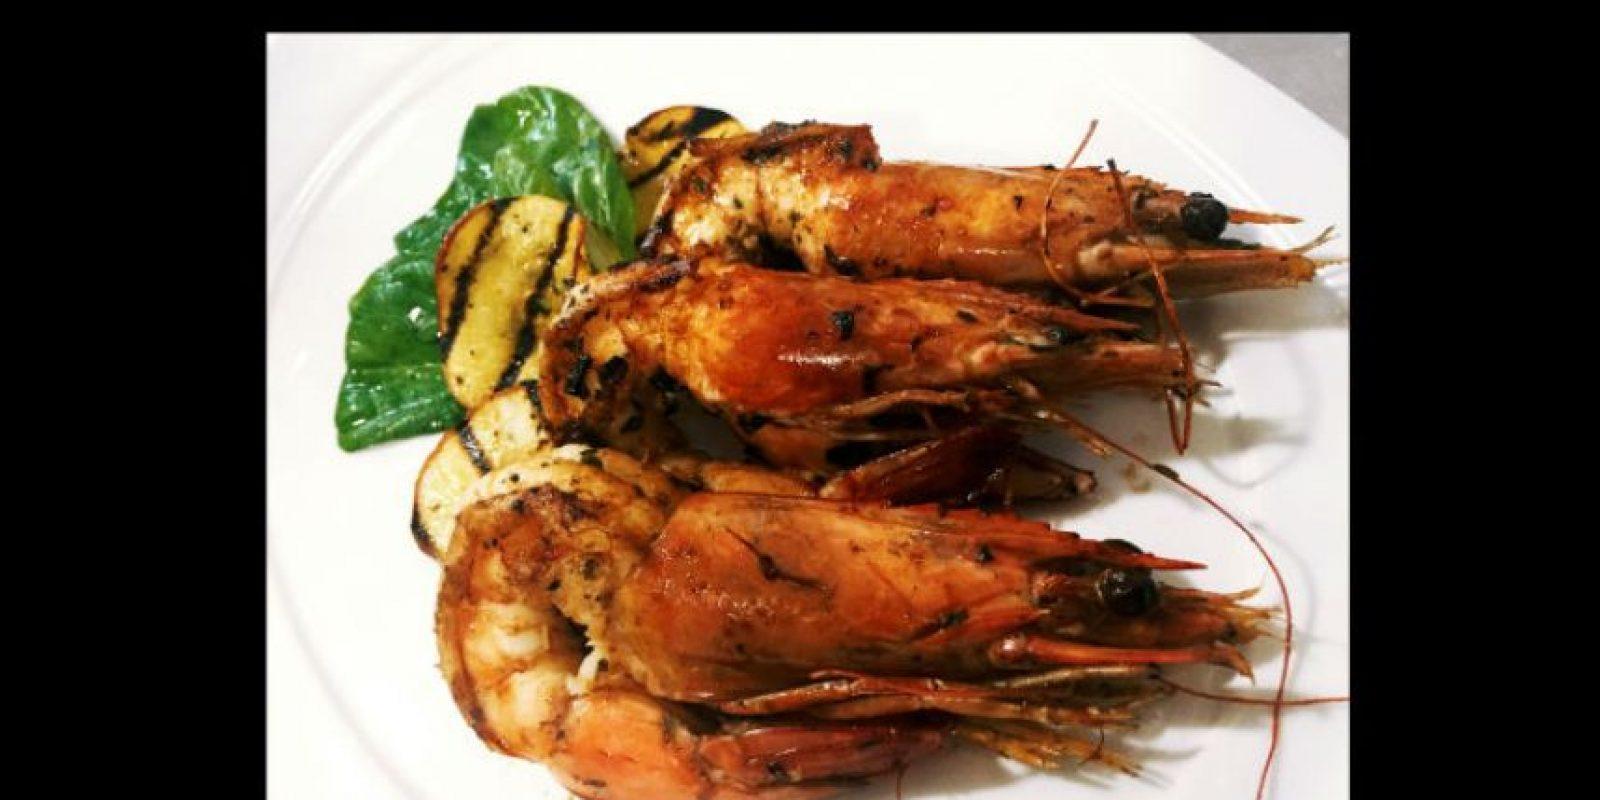 """""""Este plato es especial porque hace tributo a uno de los productos emblema del Ecuador como son sus langostinos, presentes en los mejores restaurantes del mundo"""". Foto:Patricio Granja, Quito. Ecuador"""